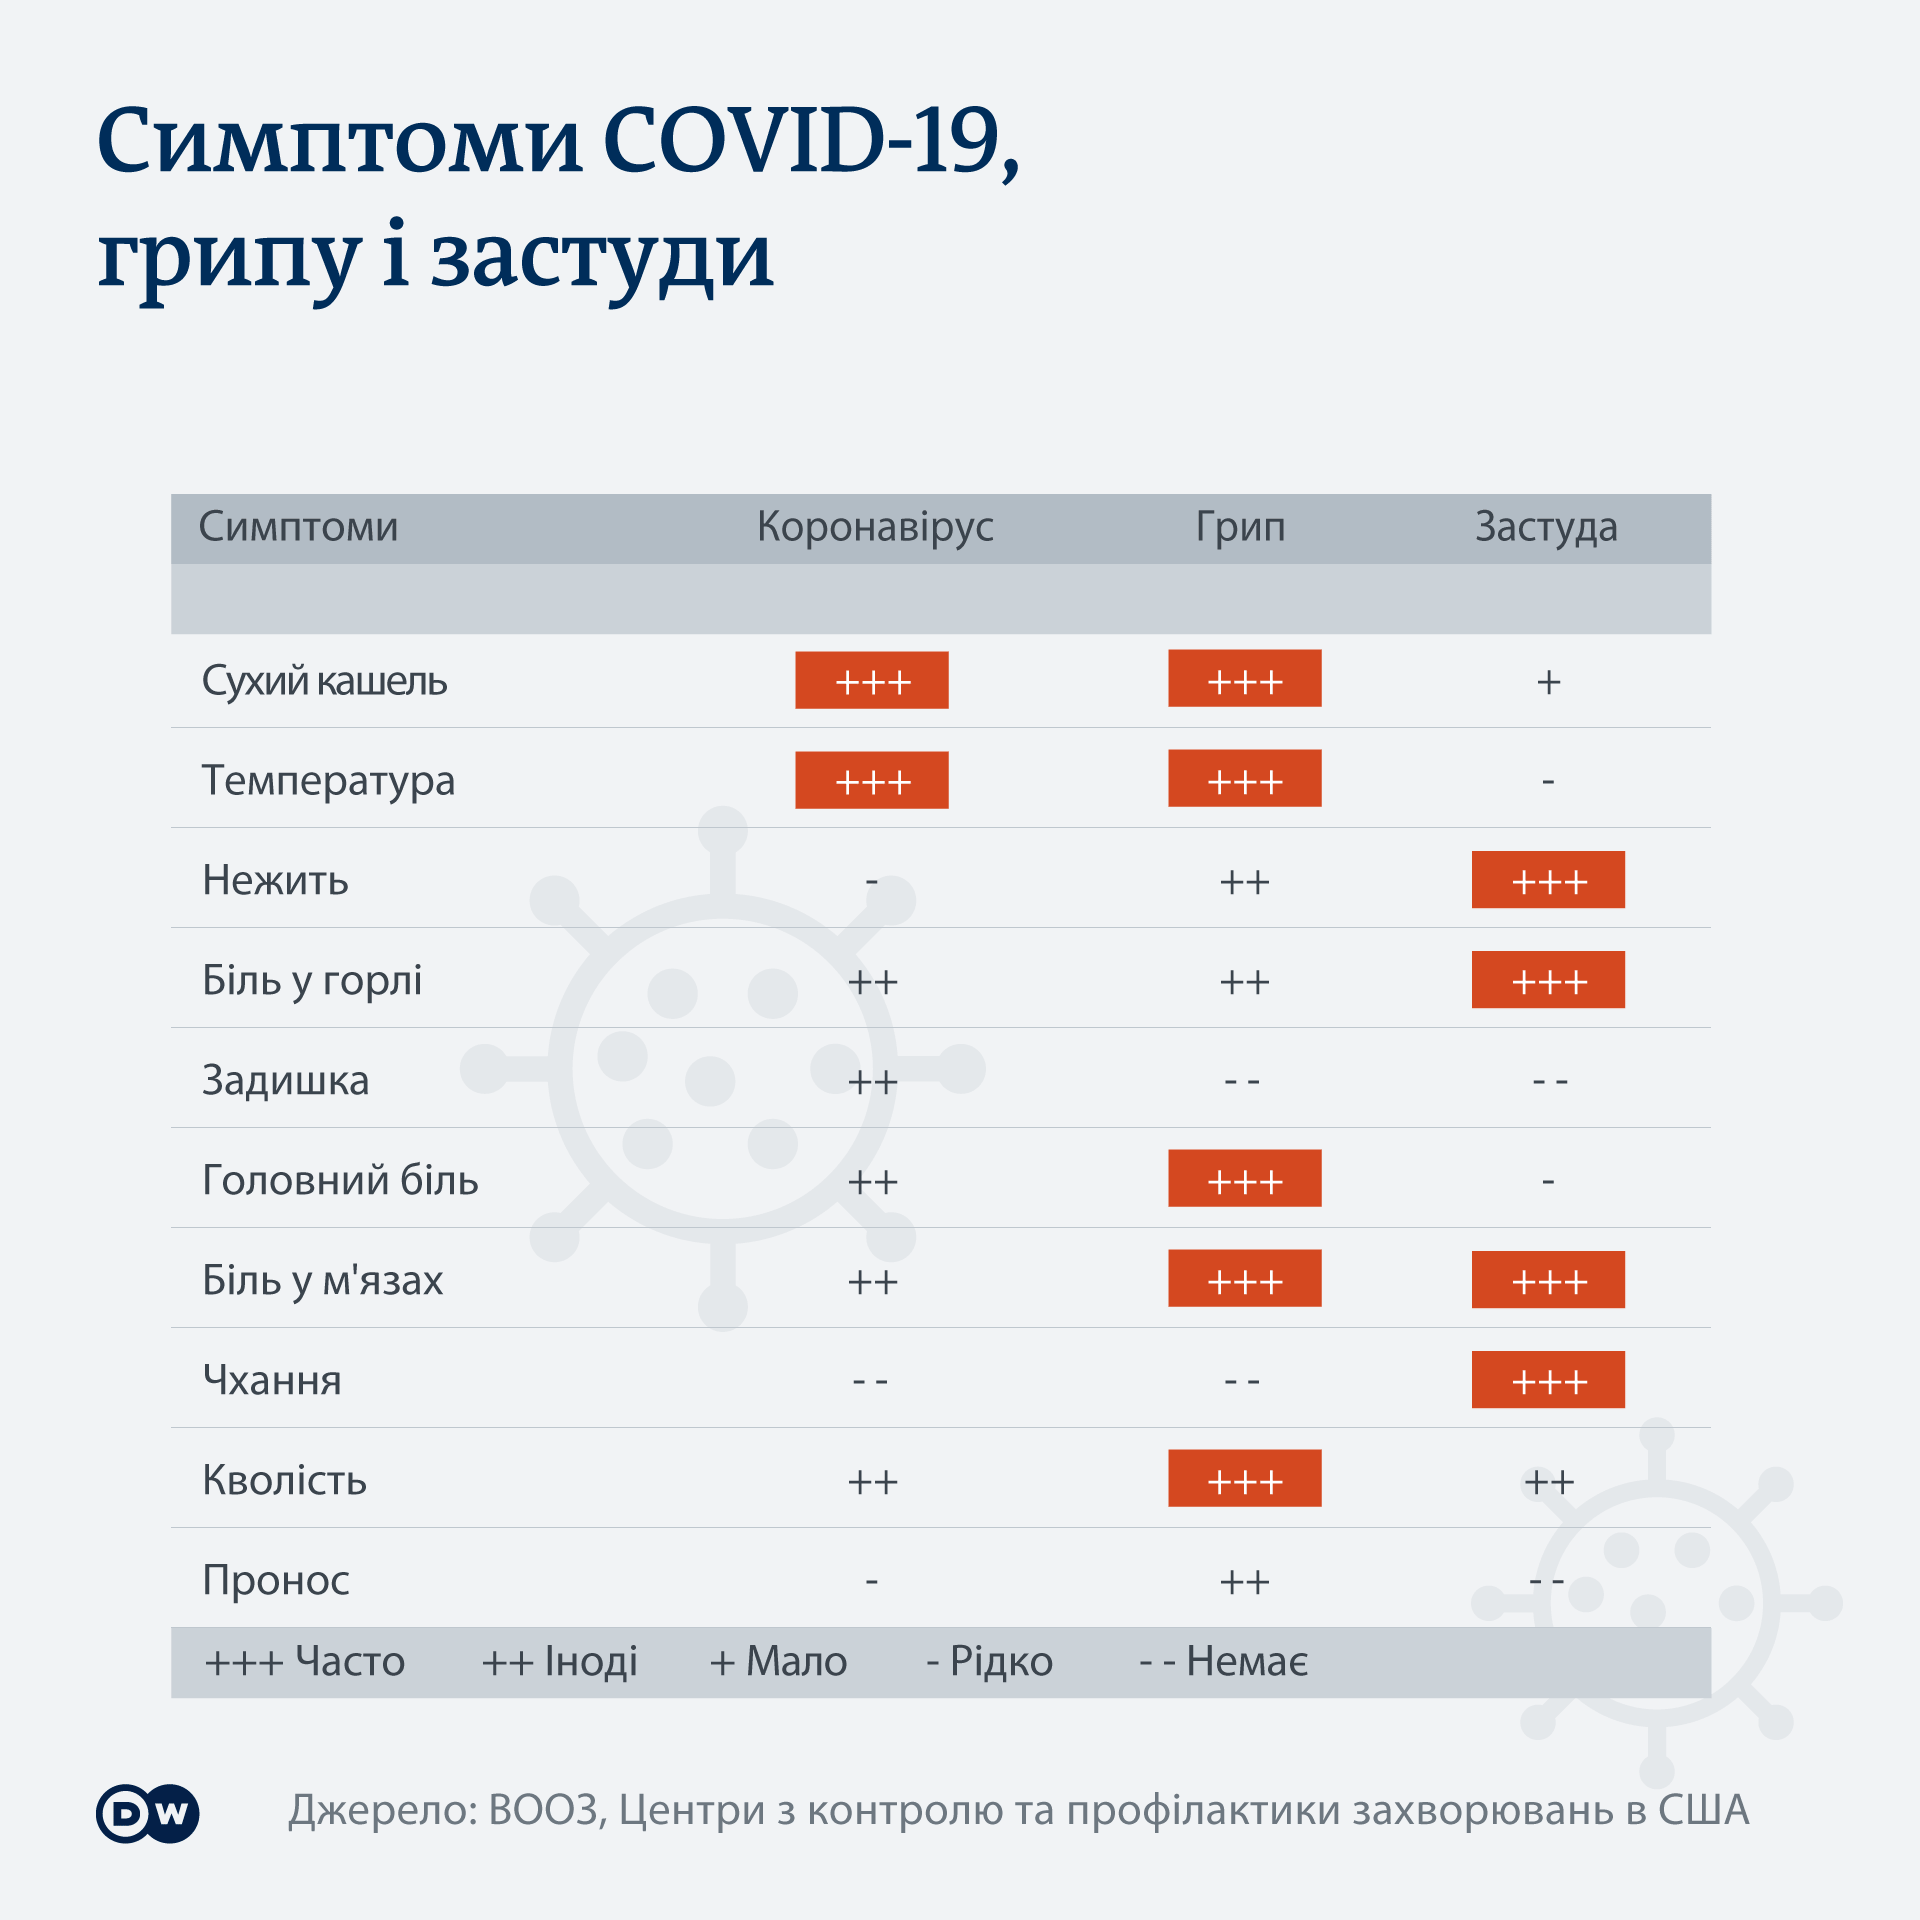 Симптоми грипу, застуди та COVID-19: інфографіка